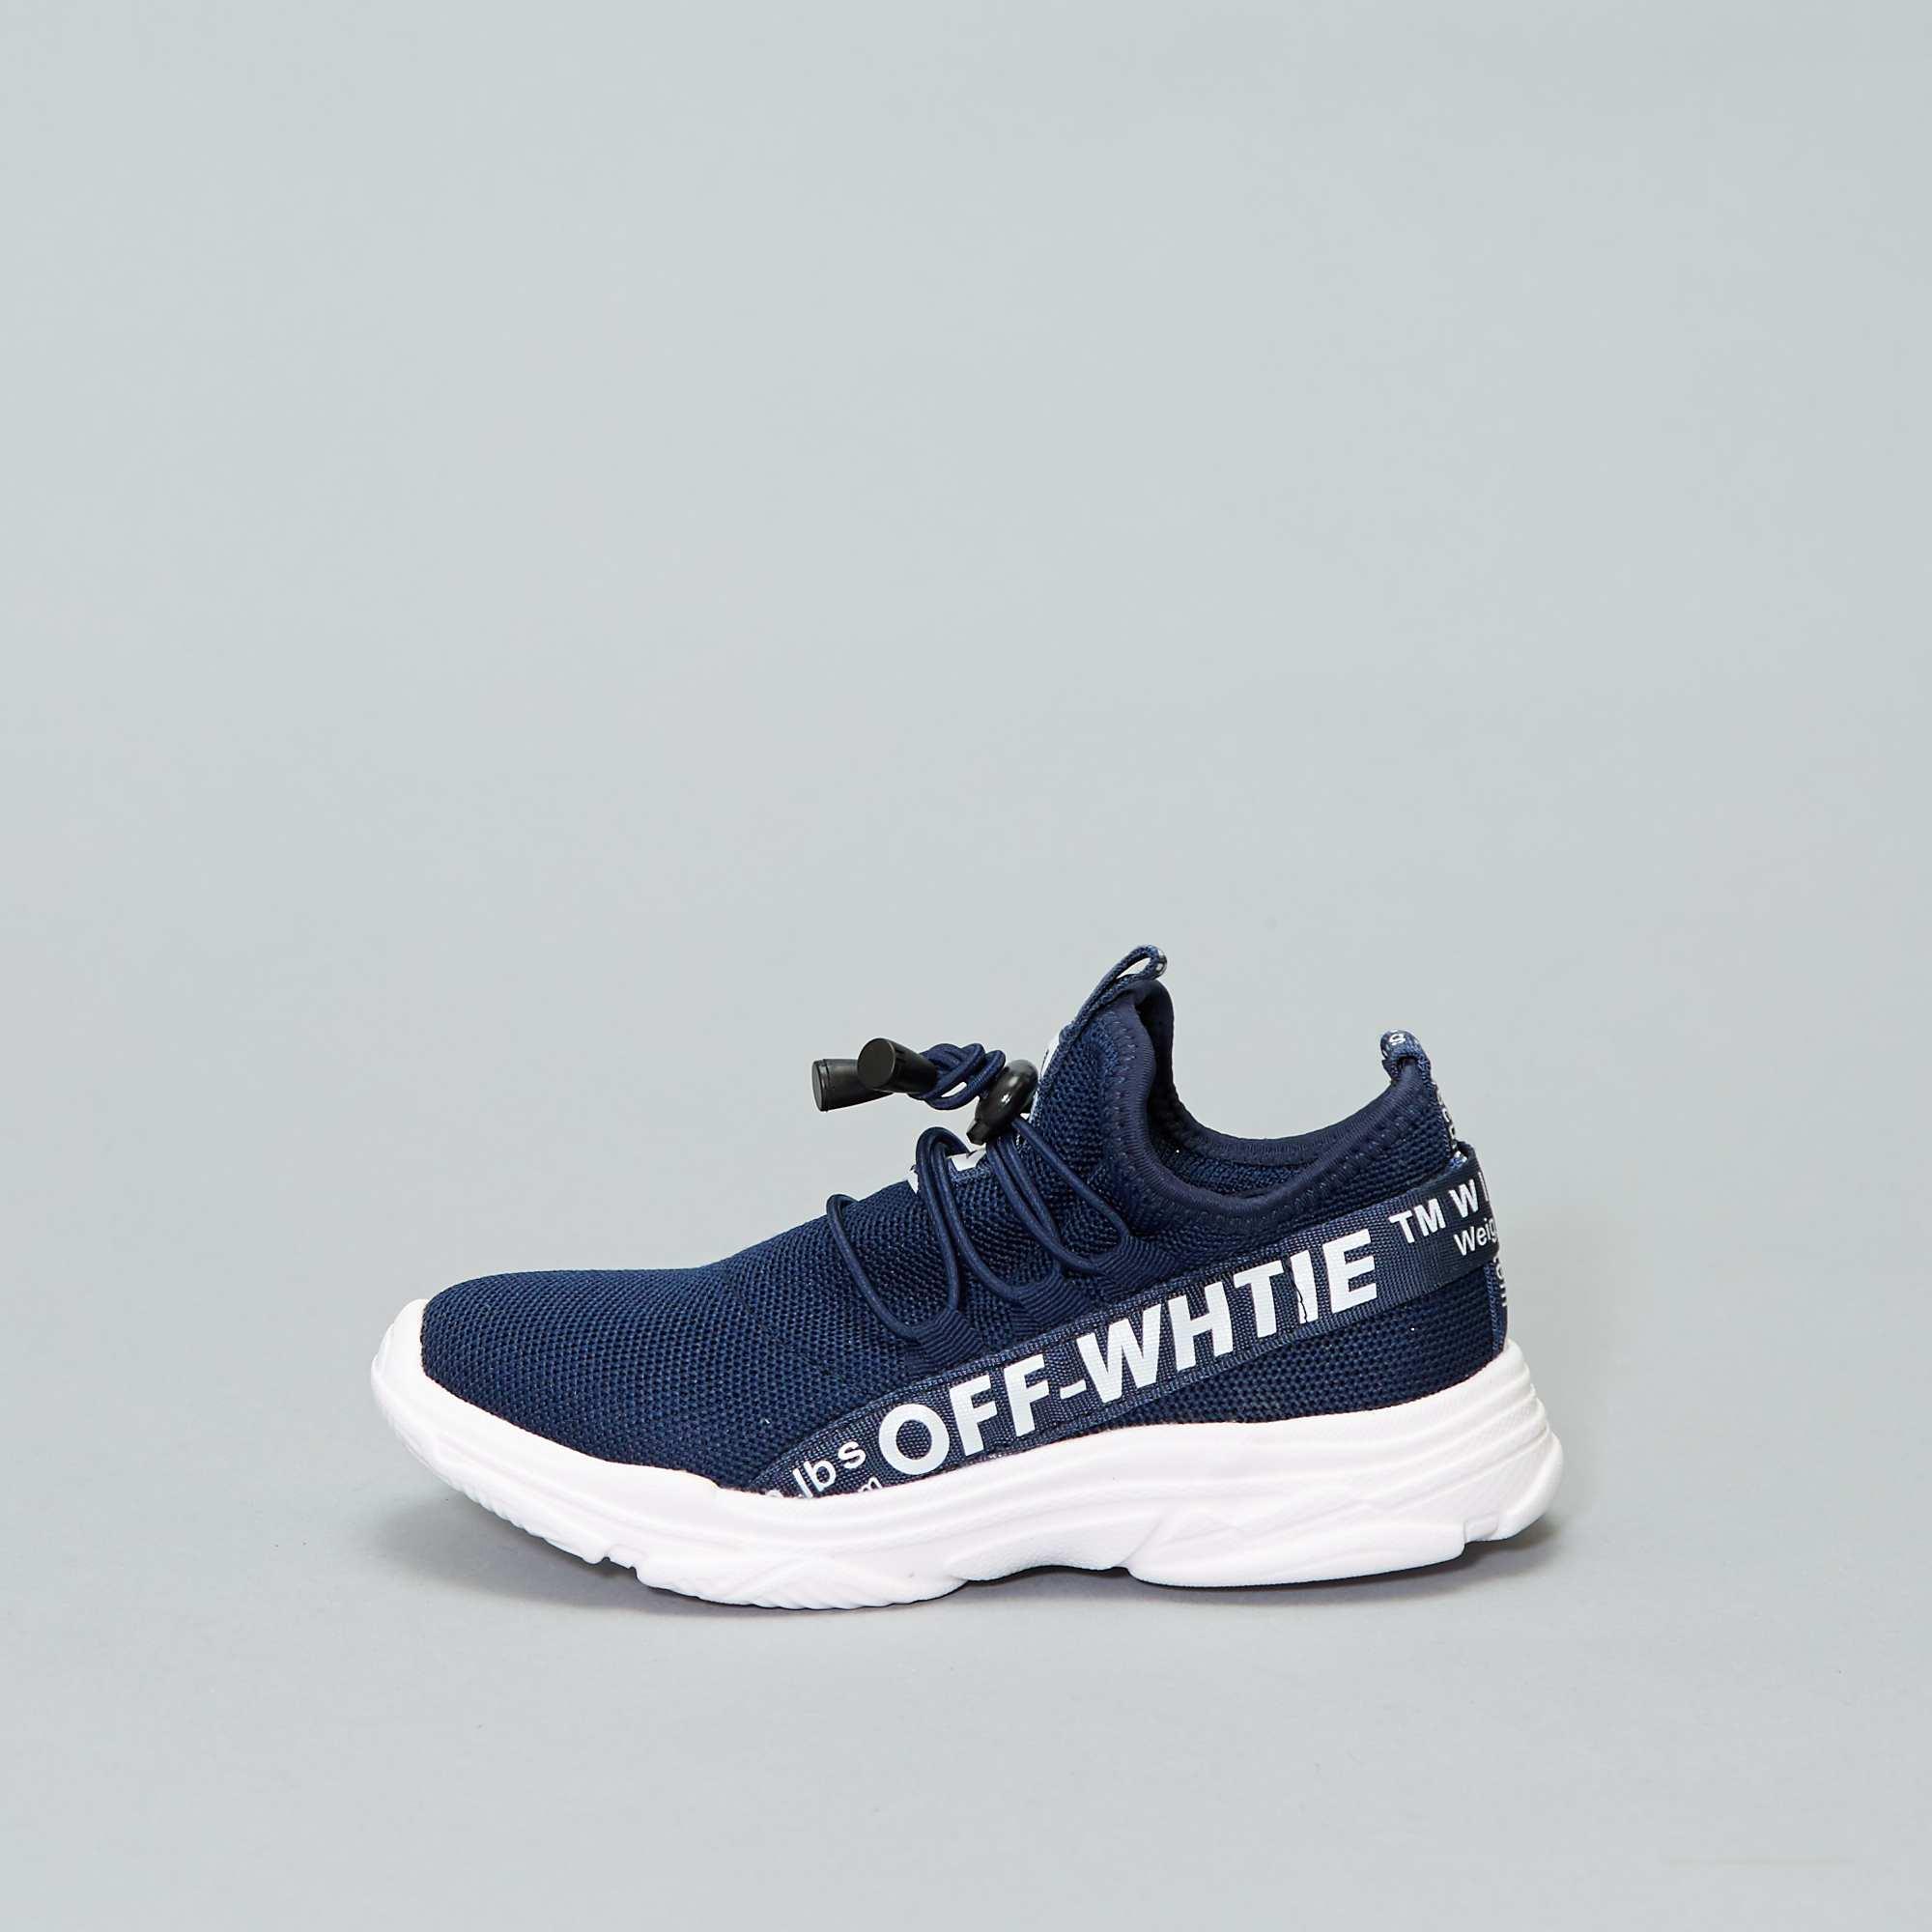 98a036e5fb3 Zapatillas deportivas altas tipo calcetines azul navy Chico. Loading zoom